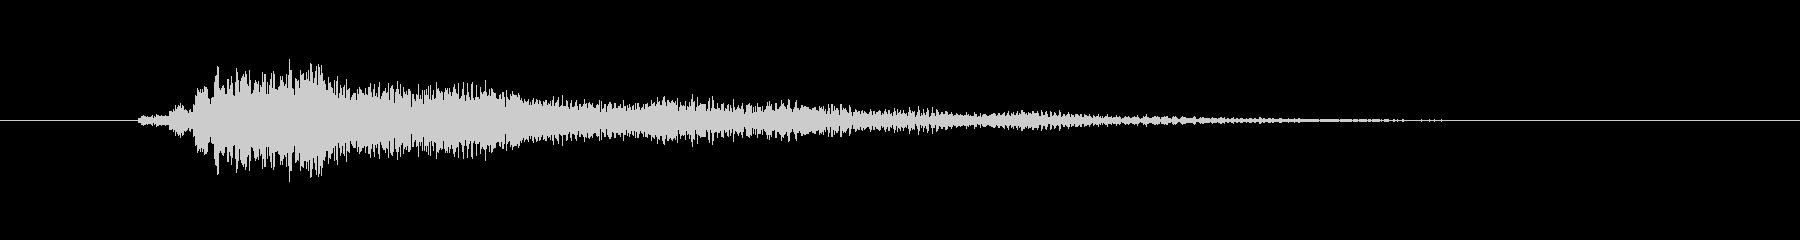 キラキラした弦楽器メロディーの未再生の波形